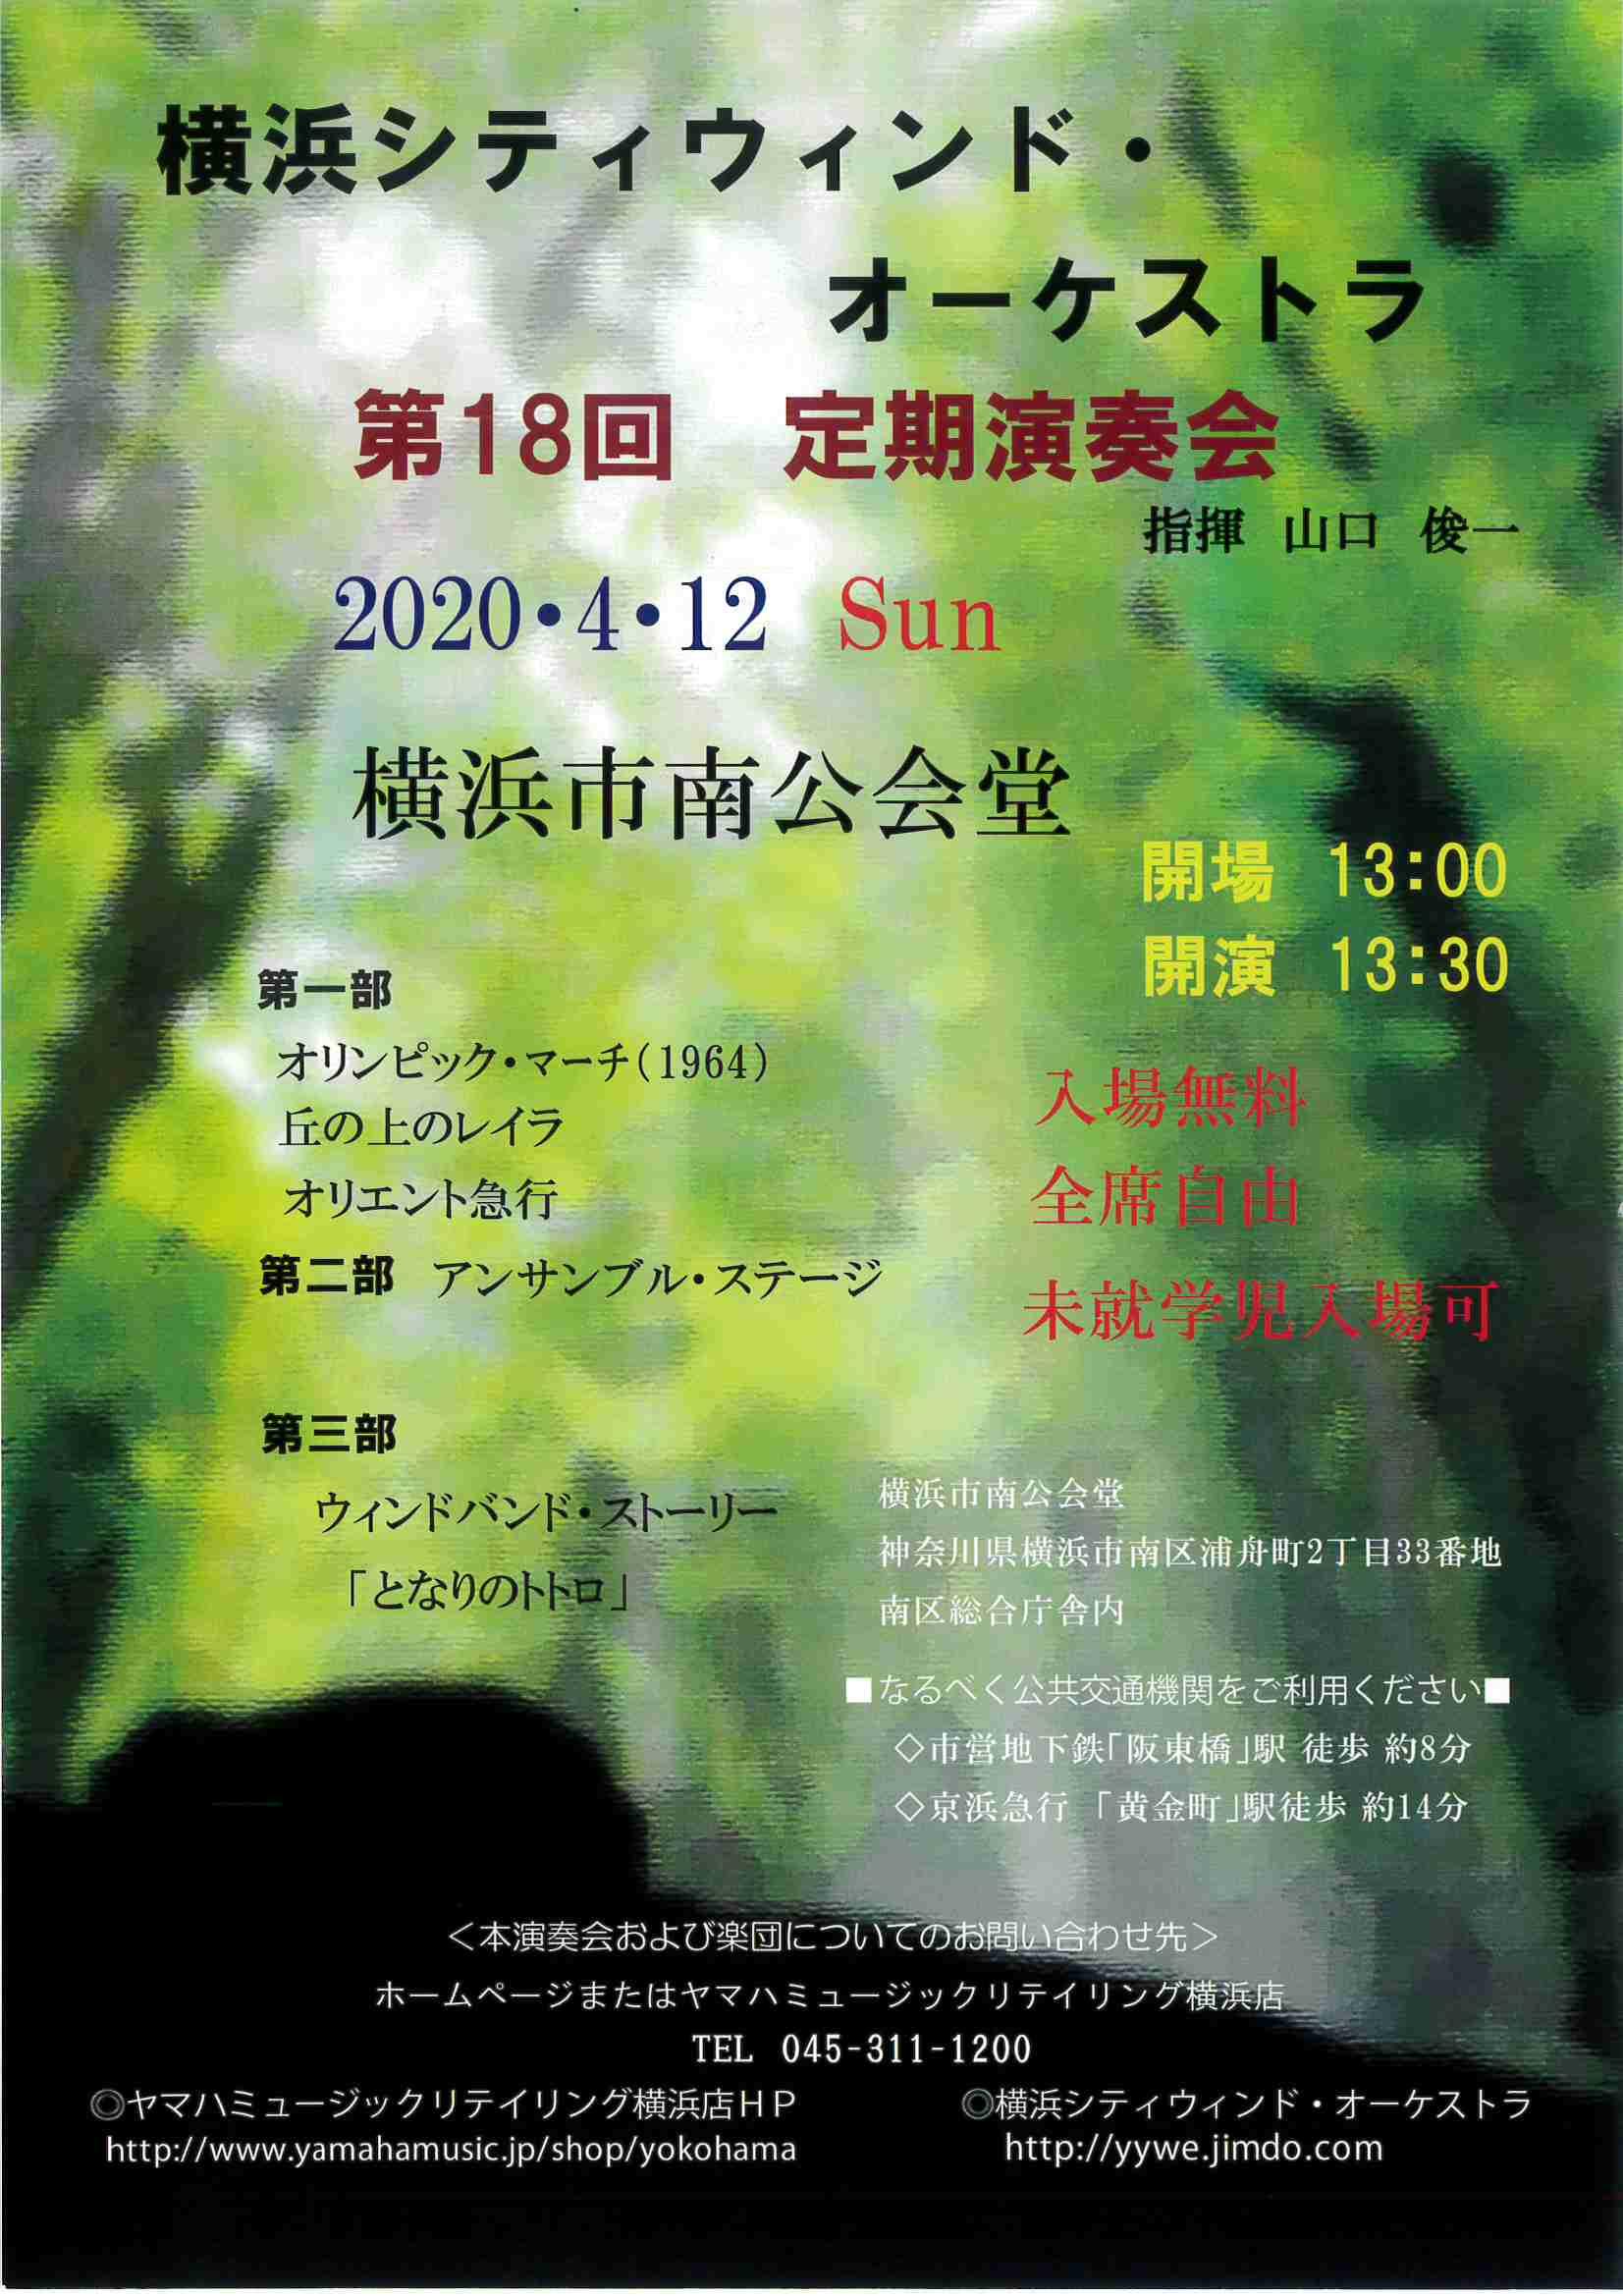 横浜シティウインド・オーケストラ 第18回定期演奏会